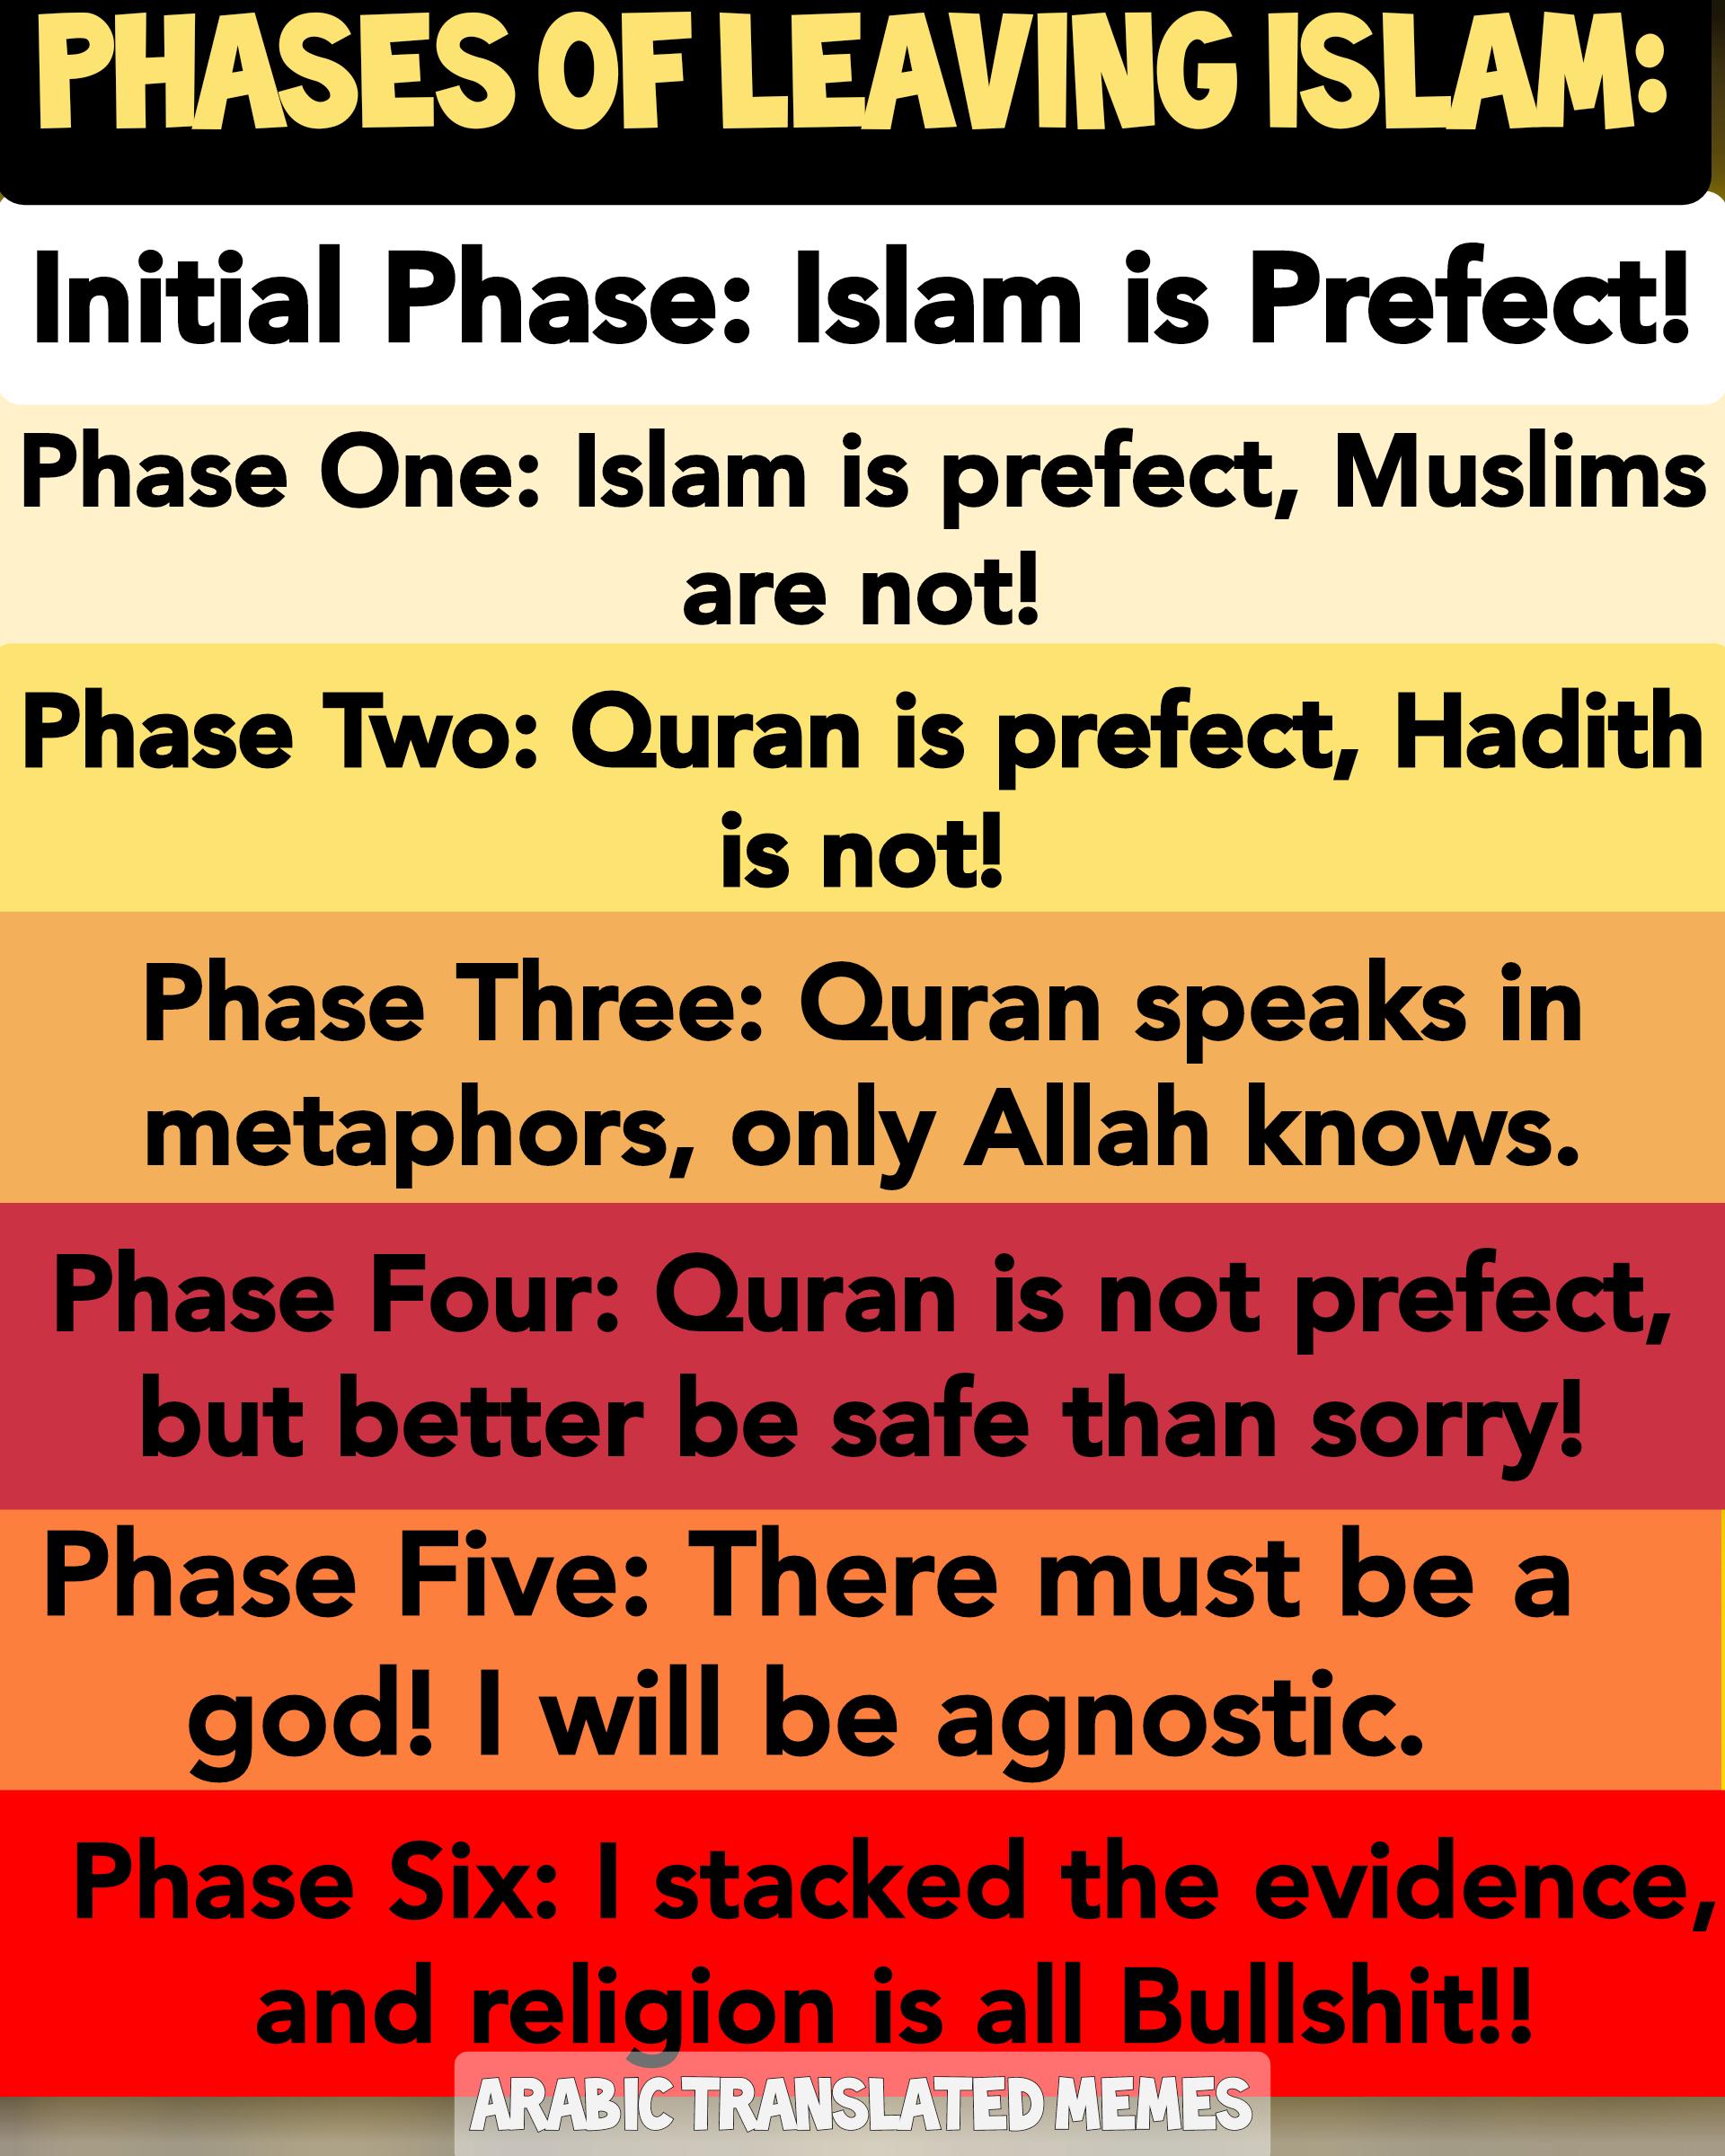 Phases of leaving Islam meme